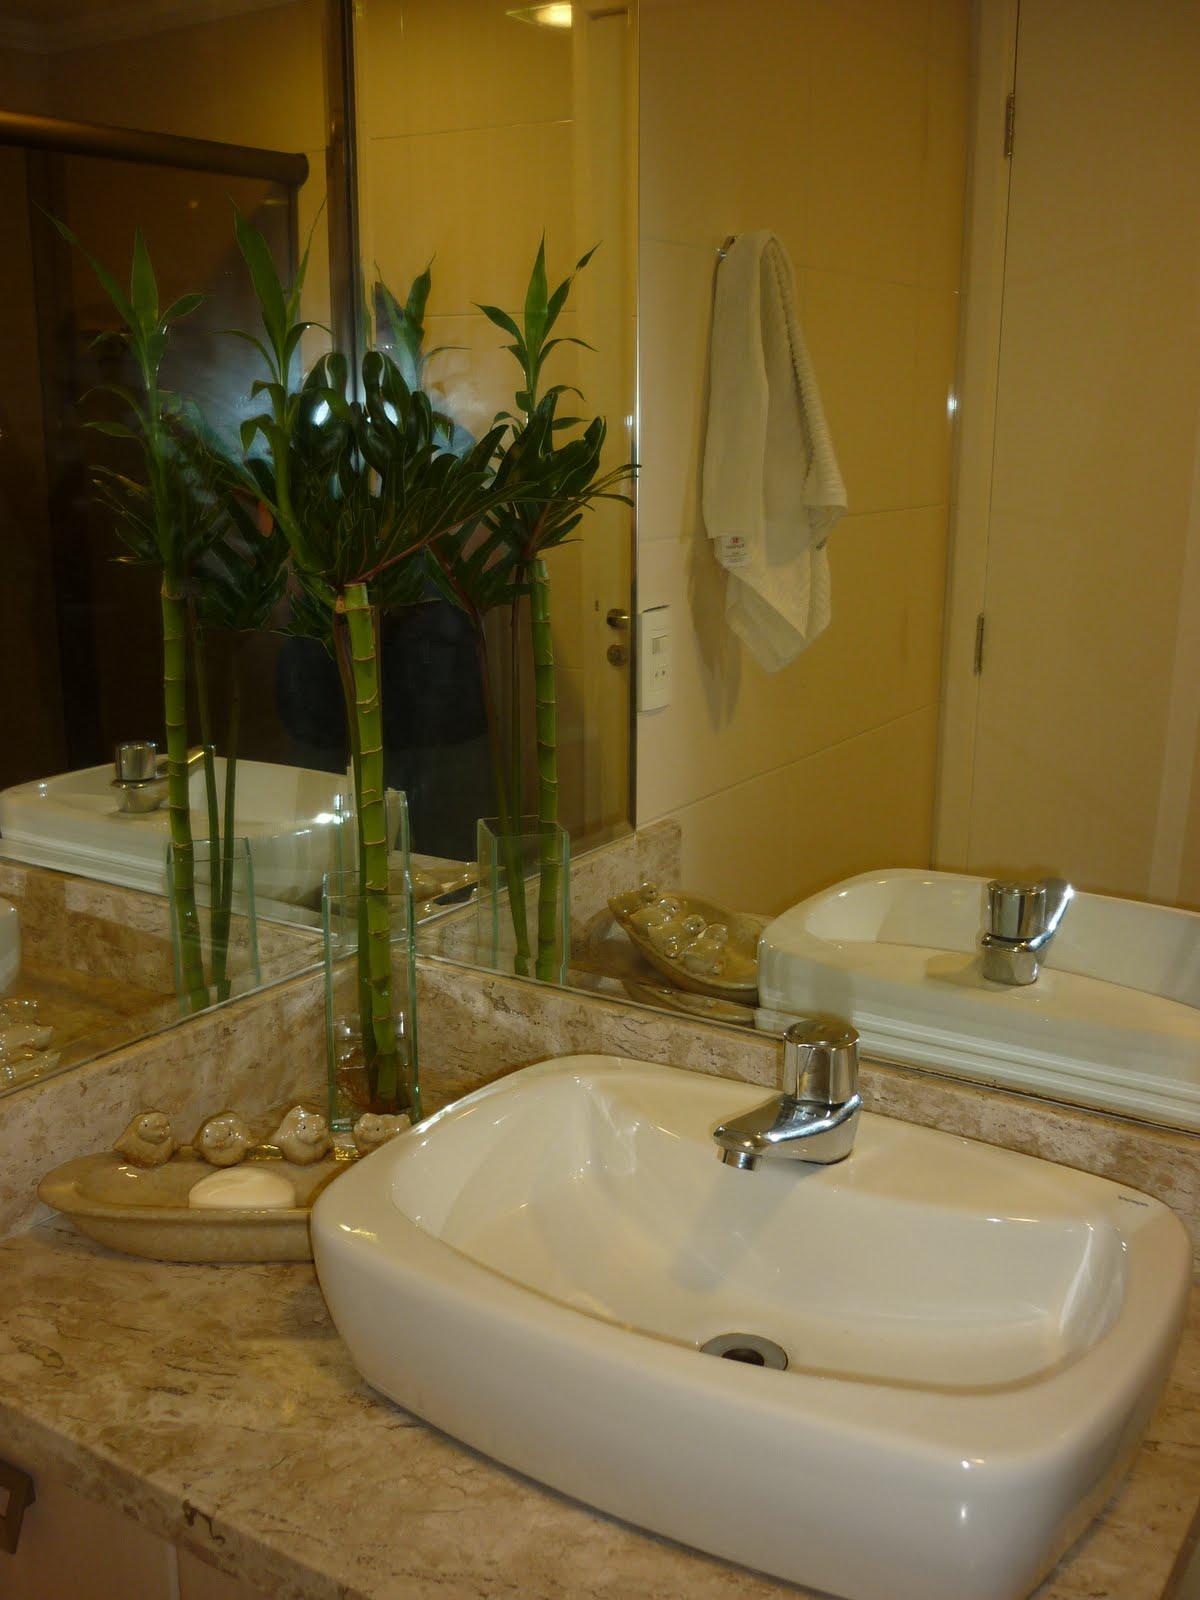 dos maiores investimentos foi o espelho em l até o teto para ampliar #2B2408 1200x1600 Banheiro Azulejo Ate O Teto